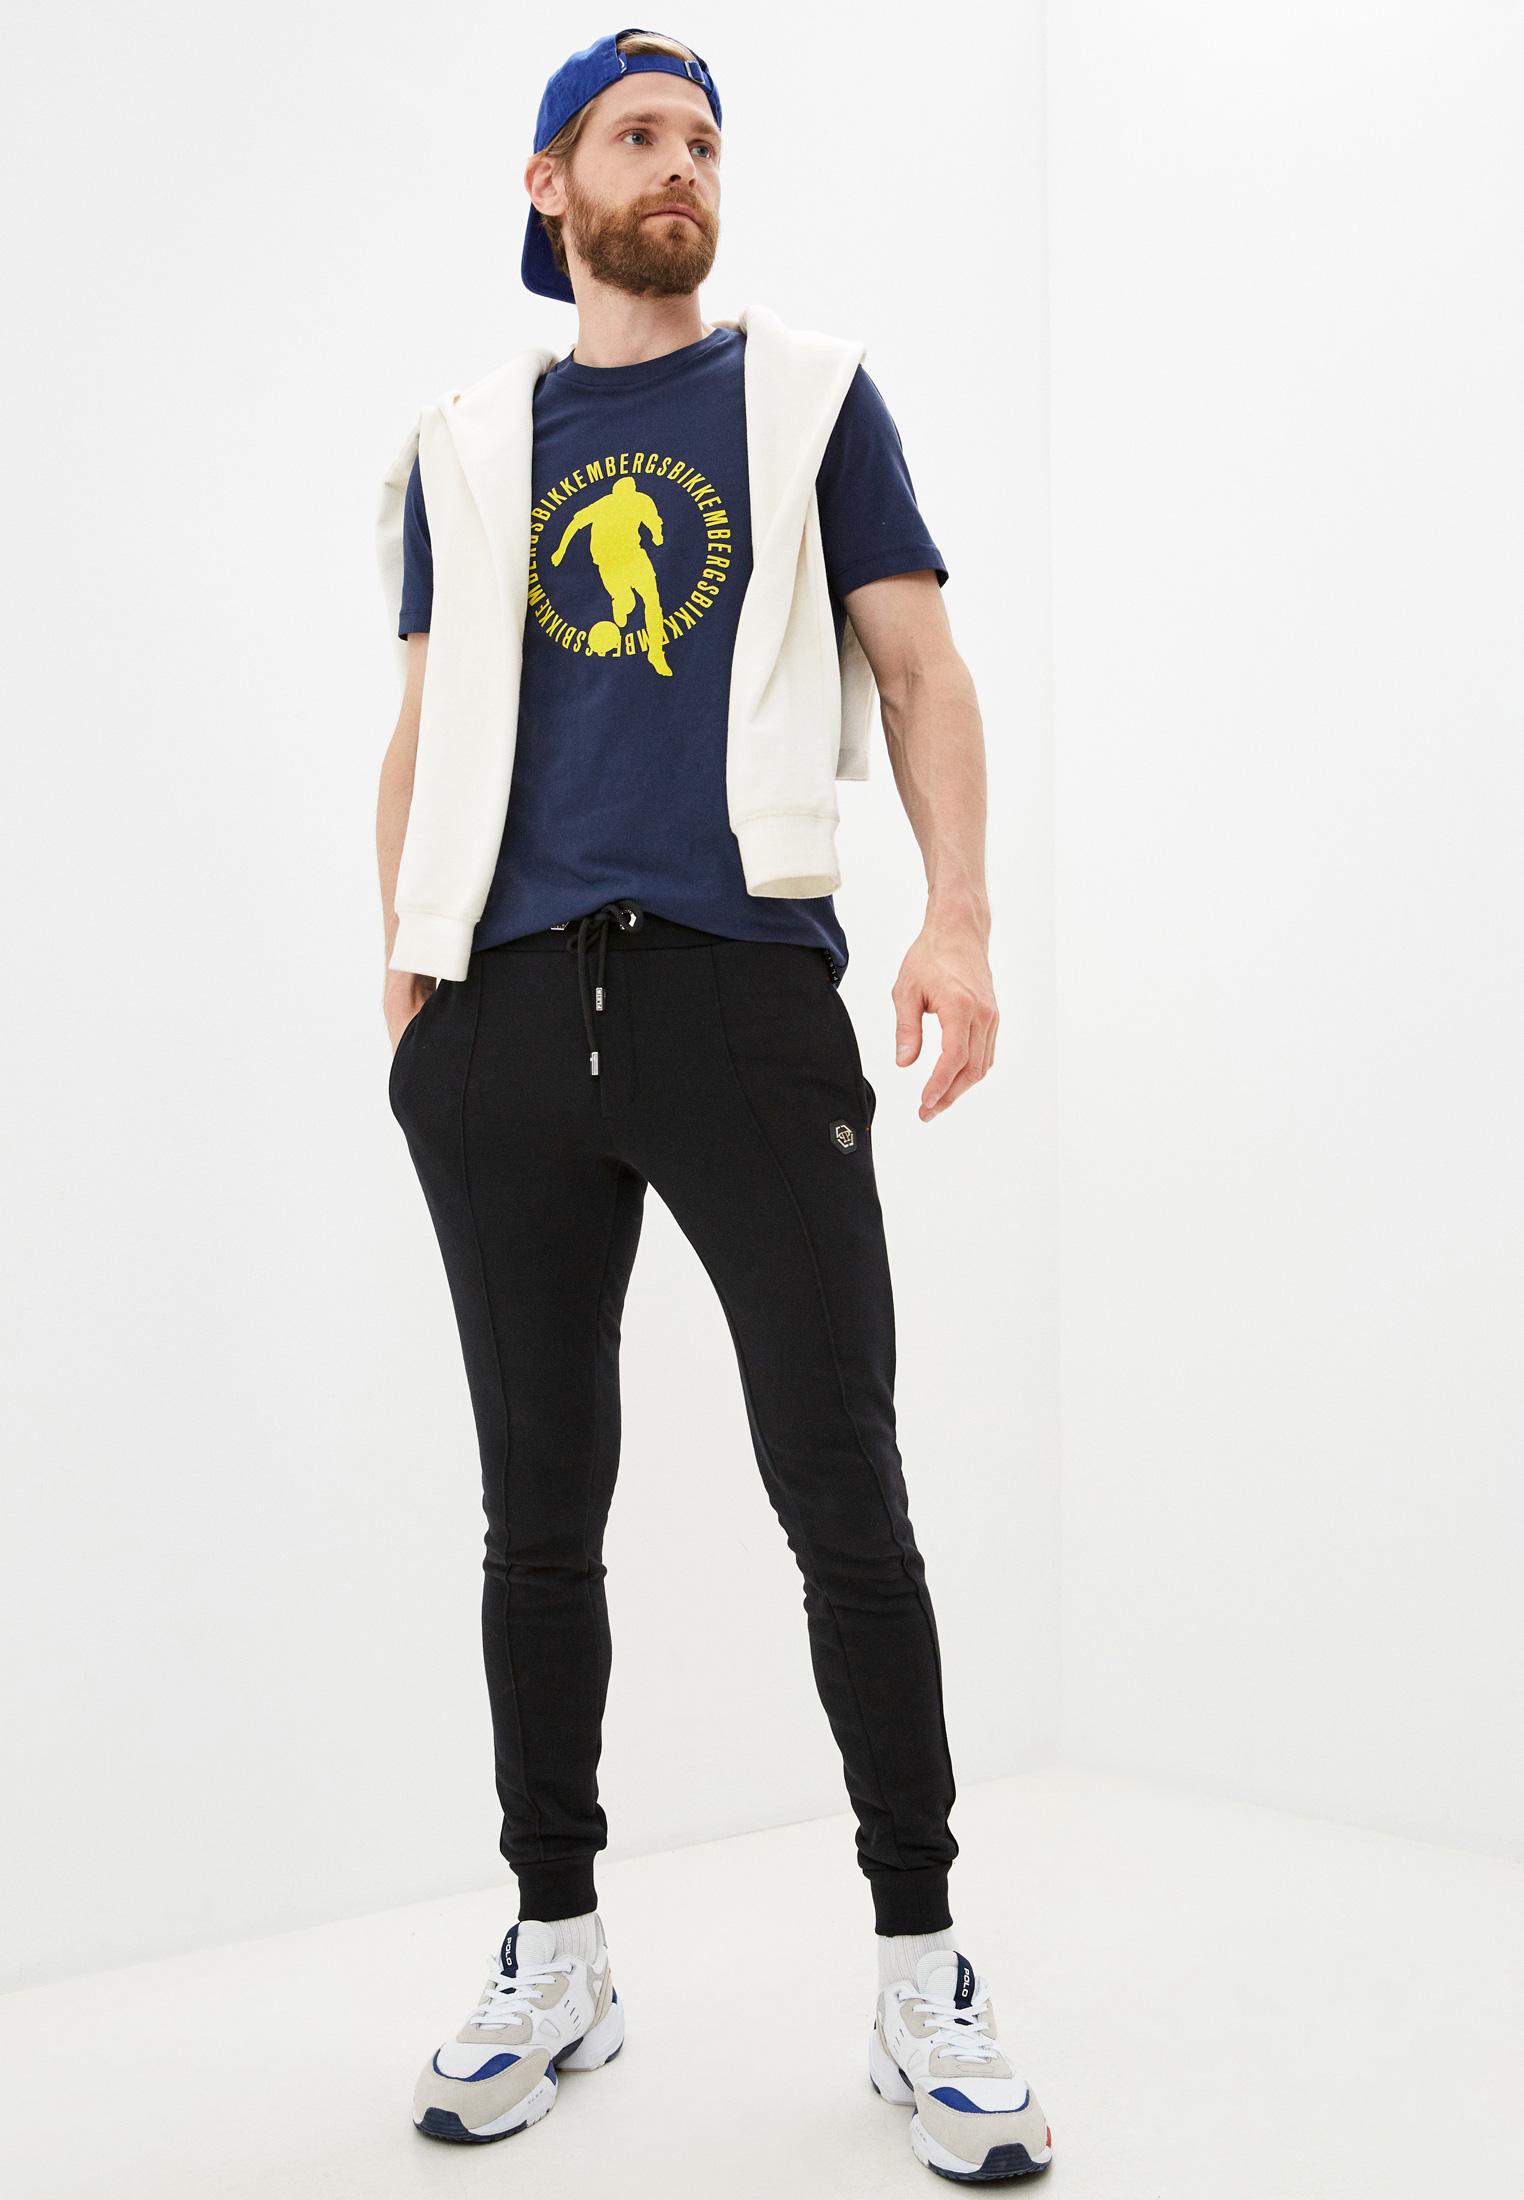 Мужская футболка Bikkembergs (Биккембергс) C 4 101 17 E 1811: изображение 8